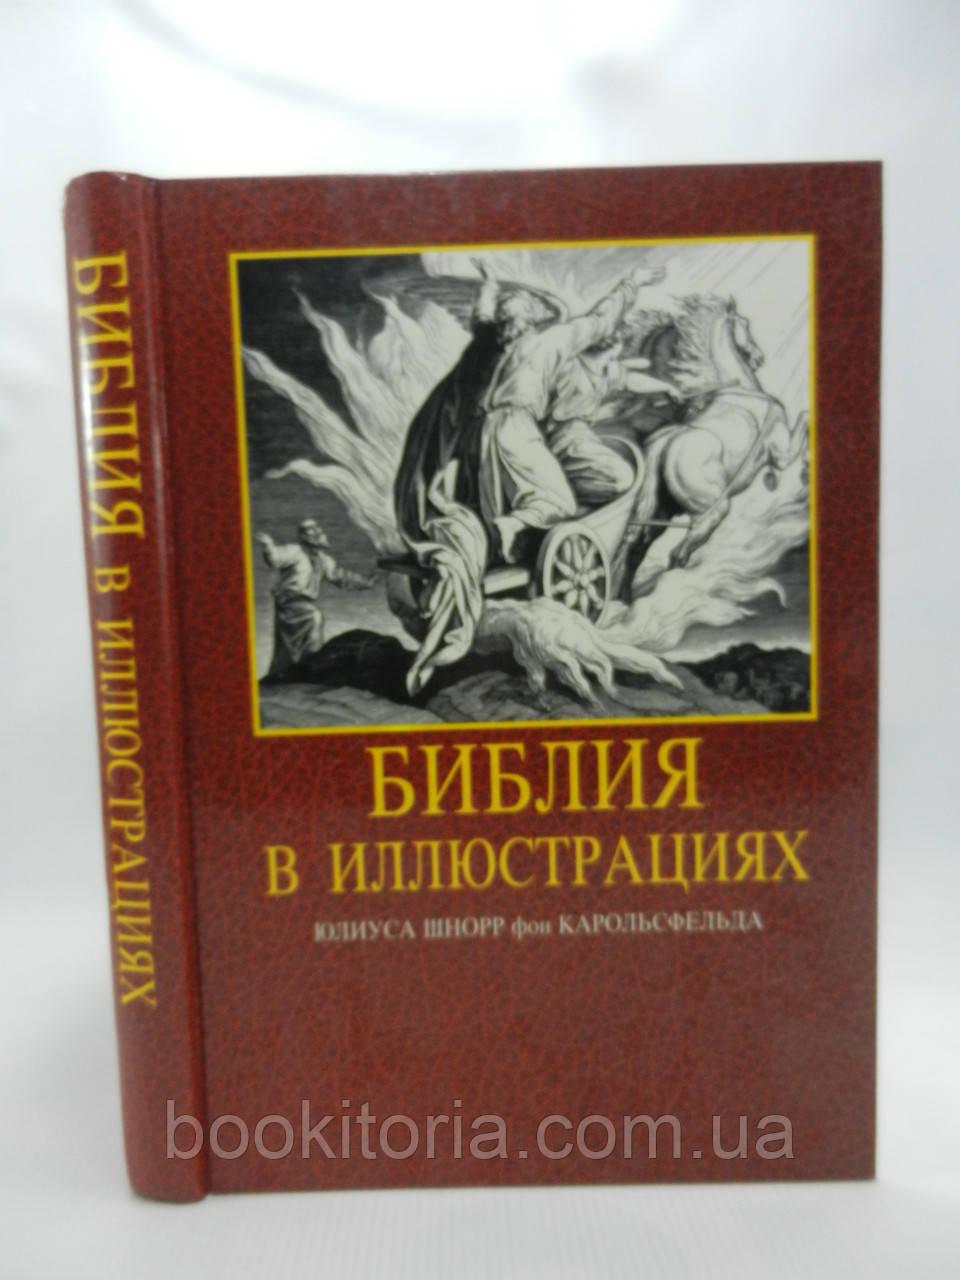 Библия в иллюстрациях Юлиуса Шнорр фон Карольсфельда (б/у).